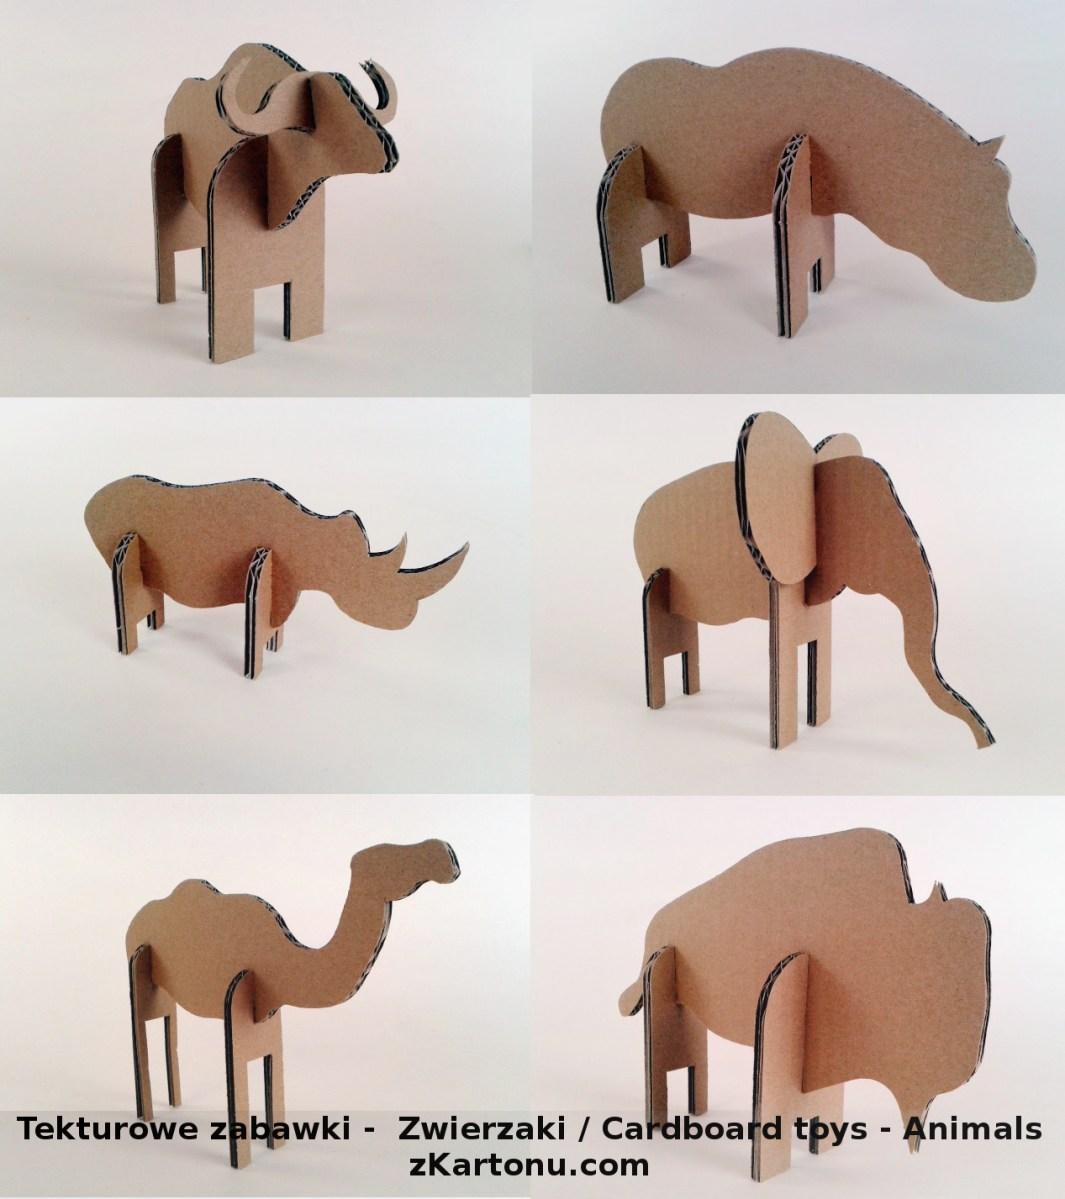 Tekturowe zabawki -  Zwierzaki / Cardboard toys - Animals